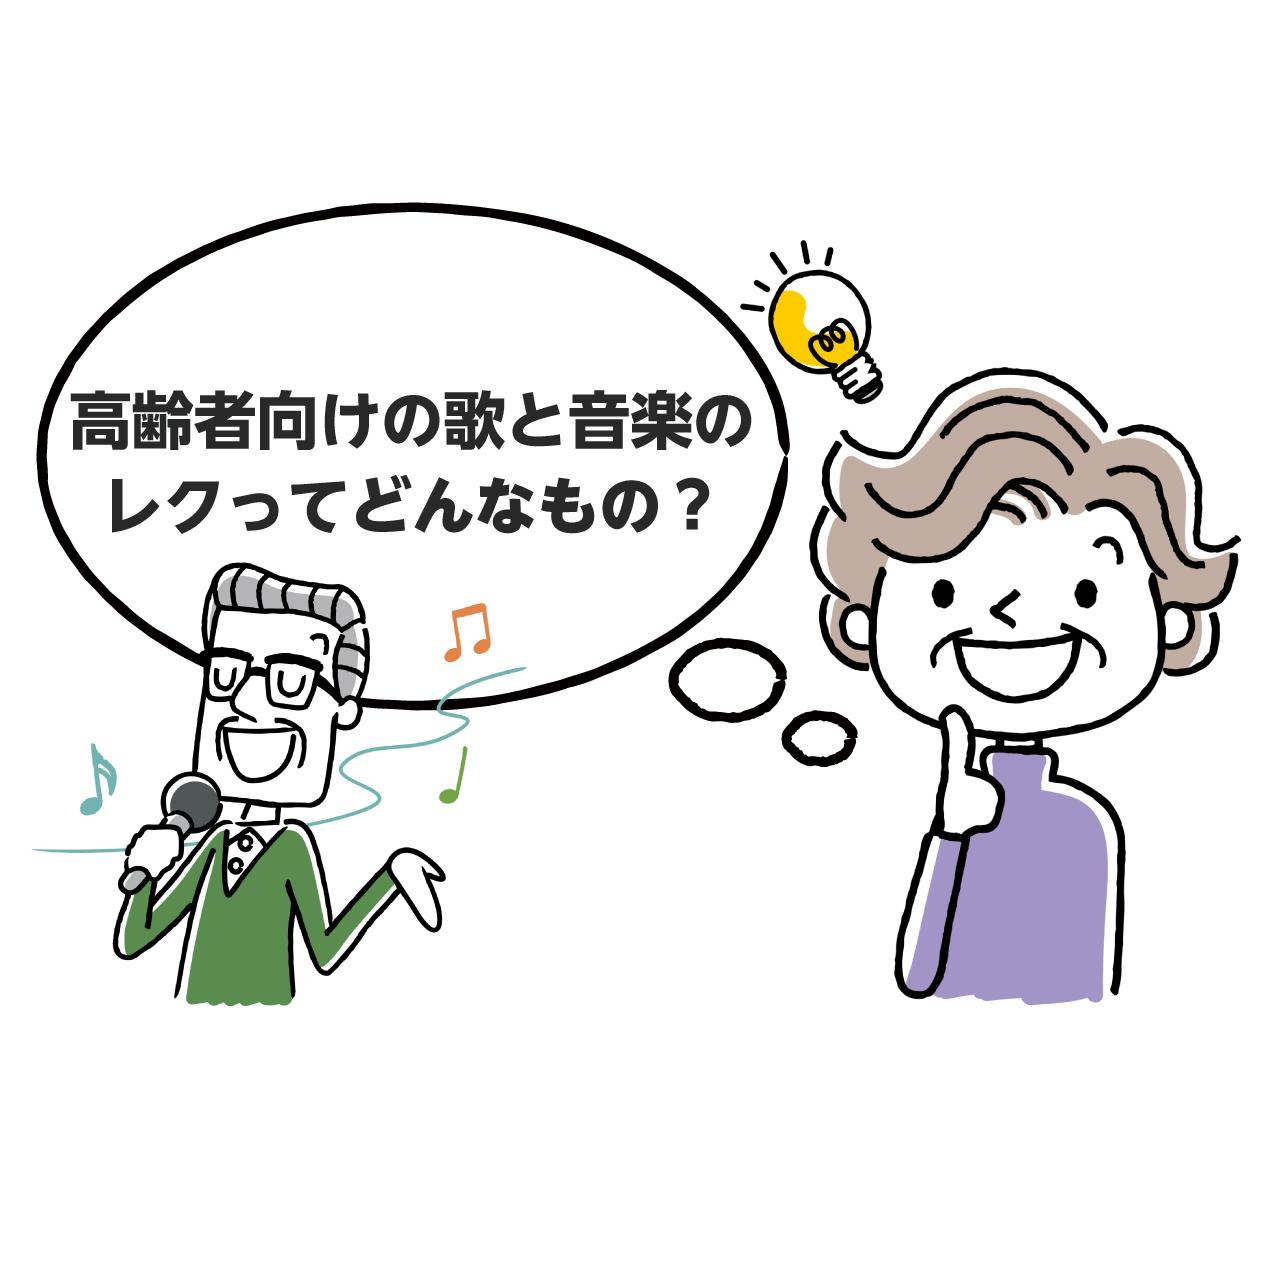 する 音楽 リラックス